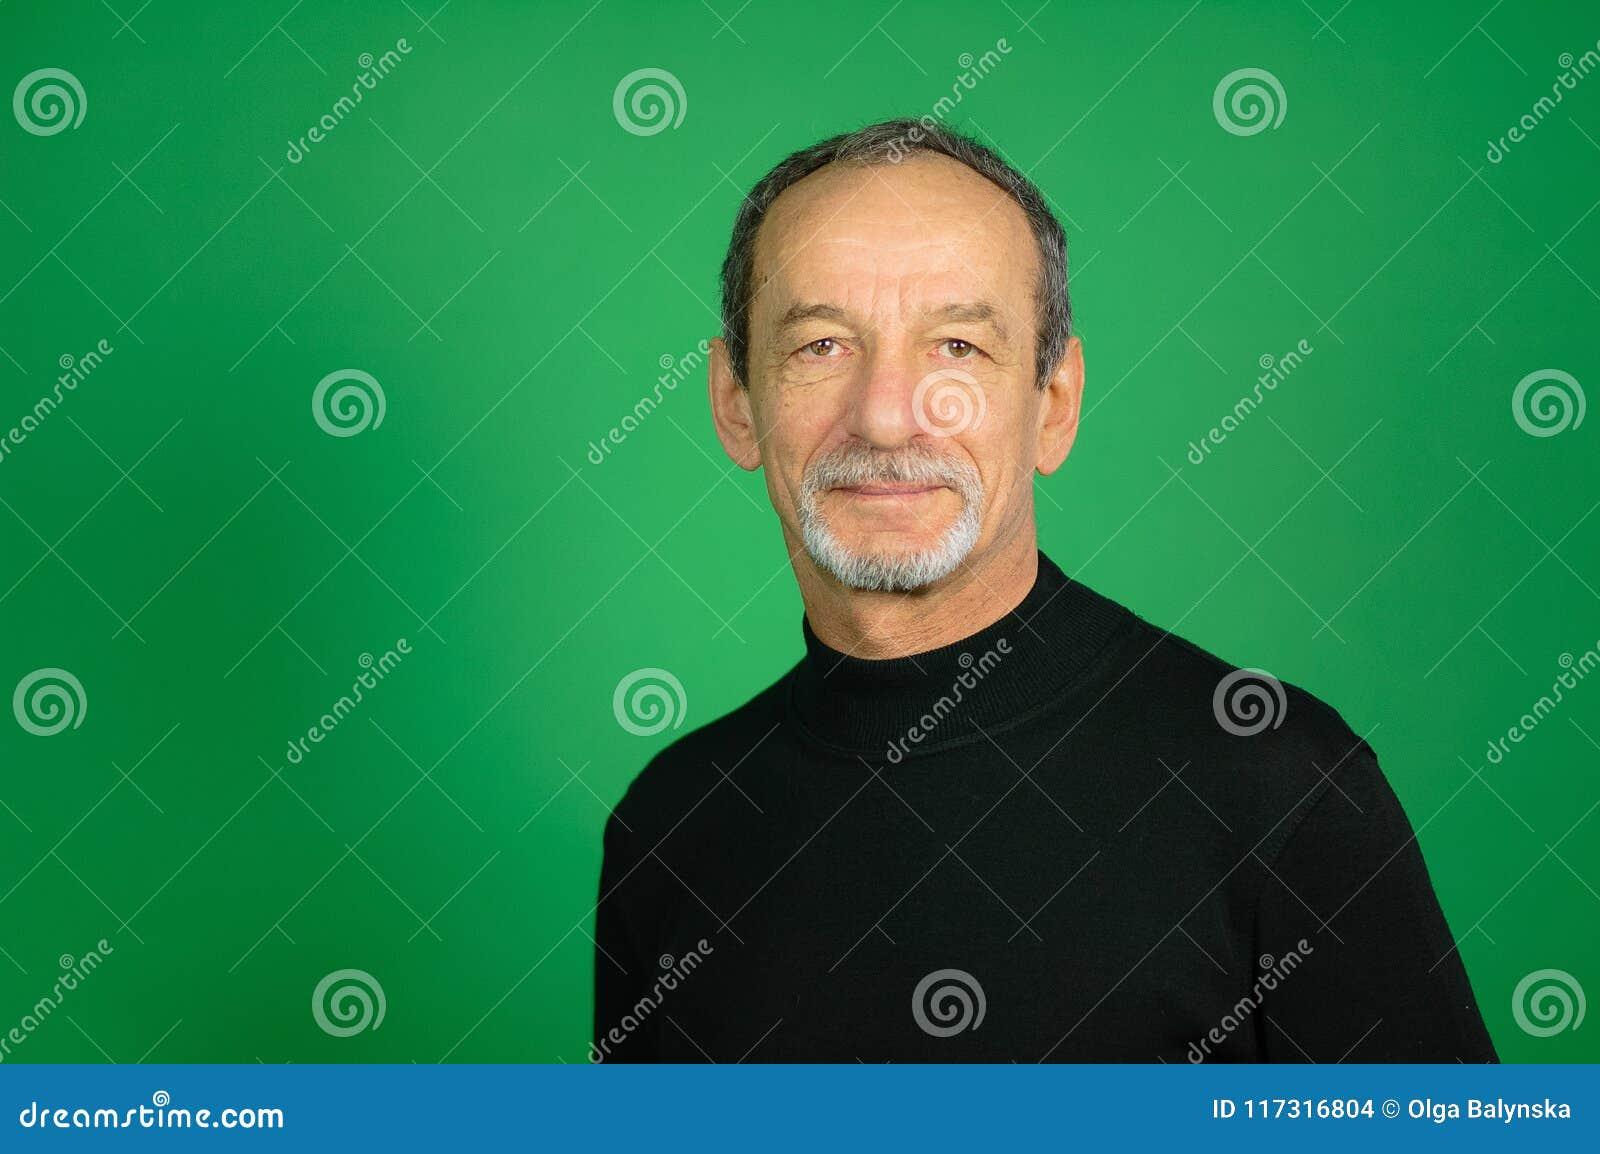 Tir de studio du visage masculin de l homme supérieur avec la barbe Bien-équilibrée et du Gray Hair sur un fond vert